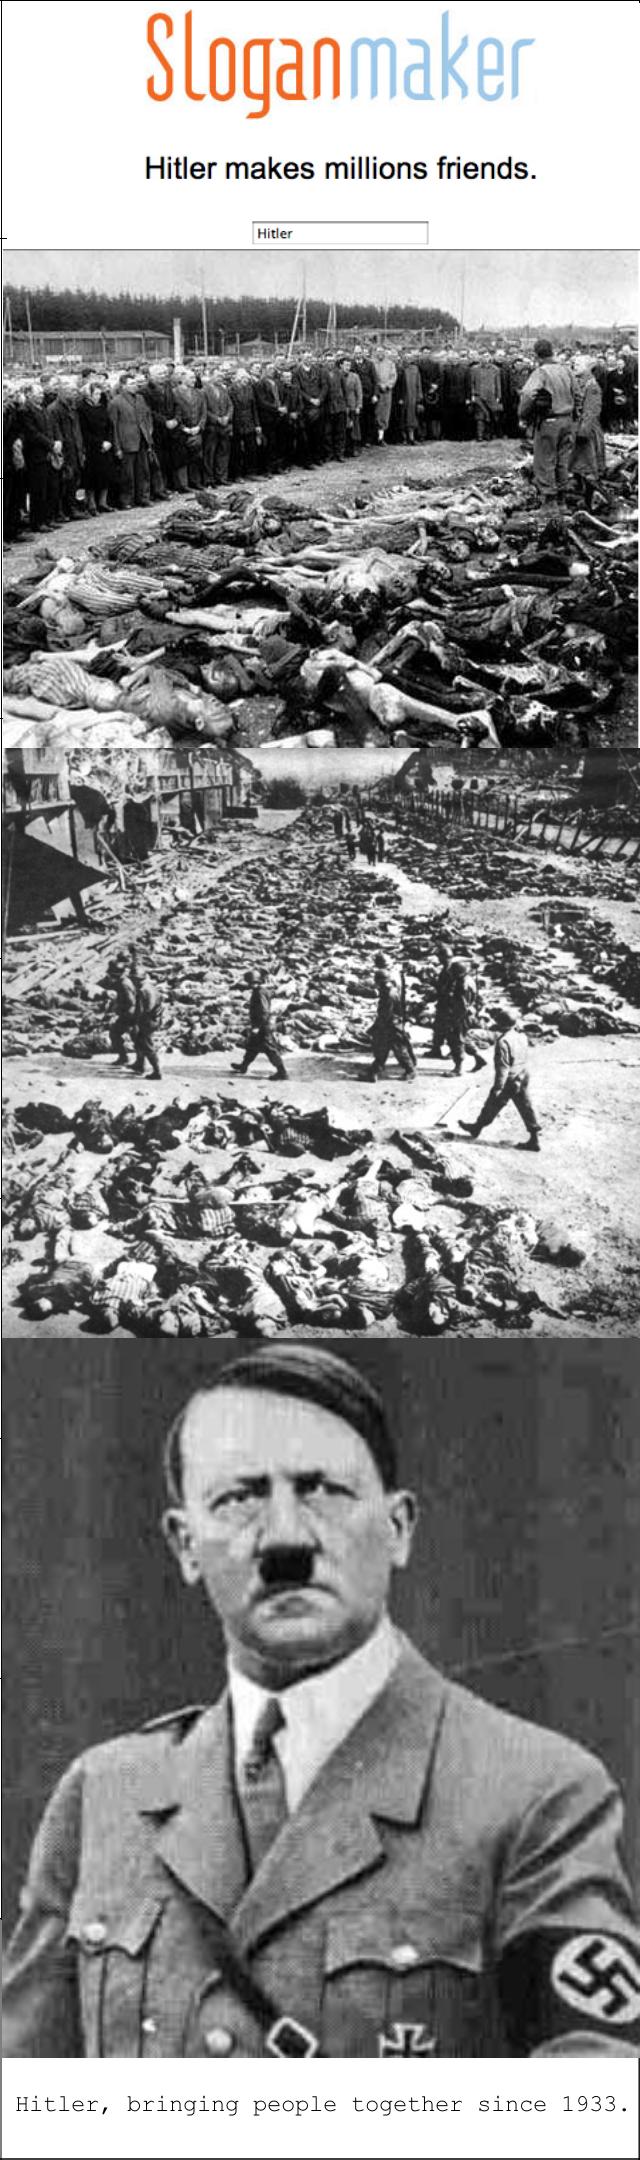 Hitler. OC as . bringing since 1933. Hitler,